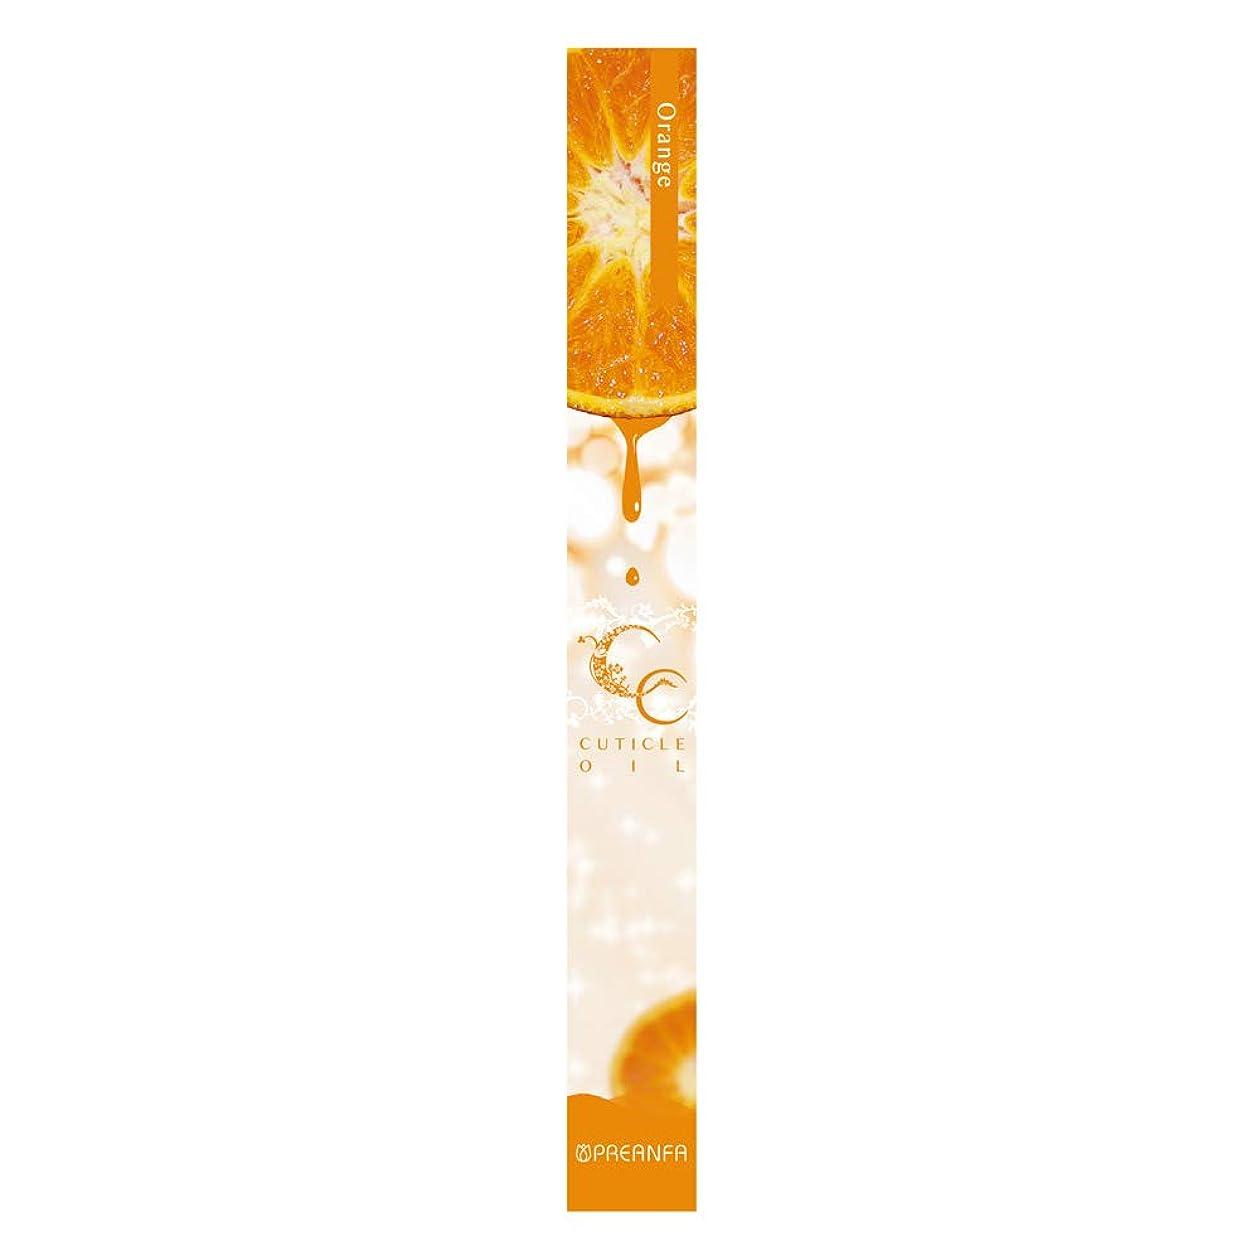 ビーズ出演者模倣プリジェル 甘皮ケア CCキューティクルオイル オレンジ 4.5g 保湿オイル ペンタイプ